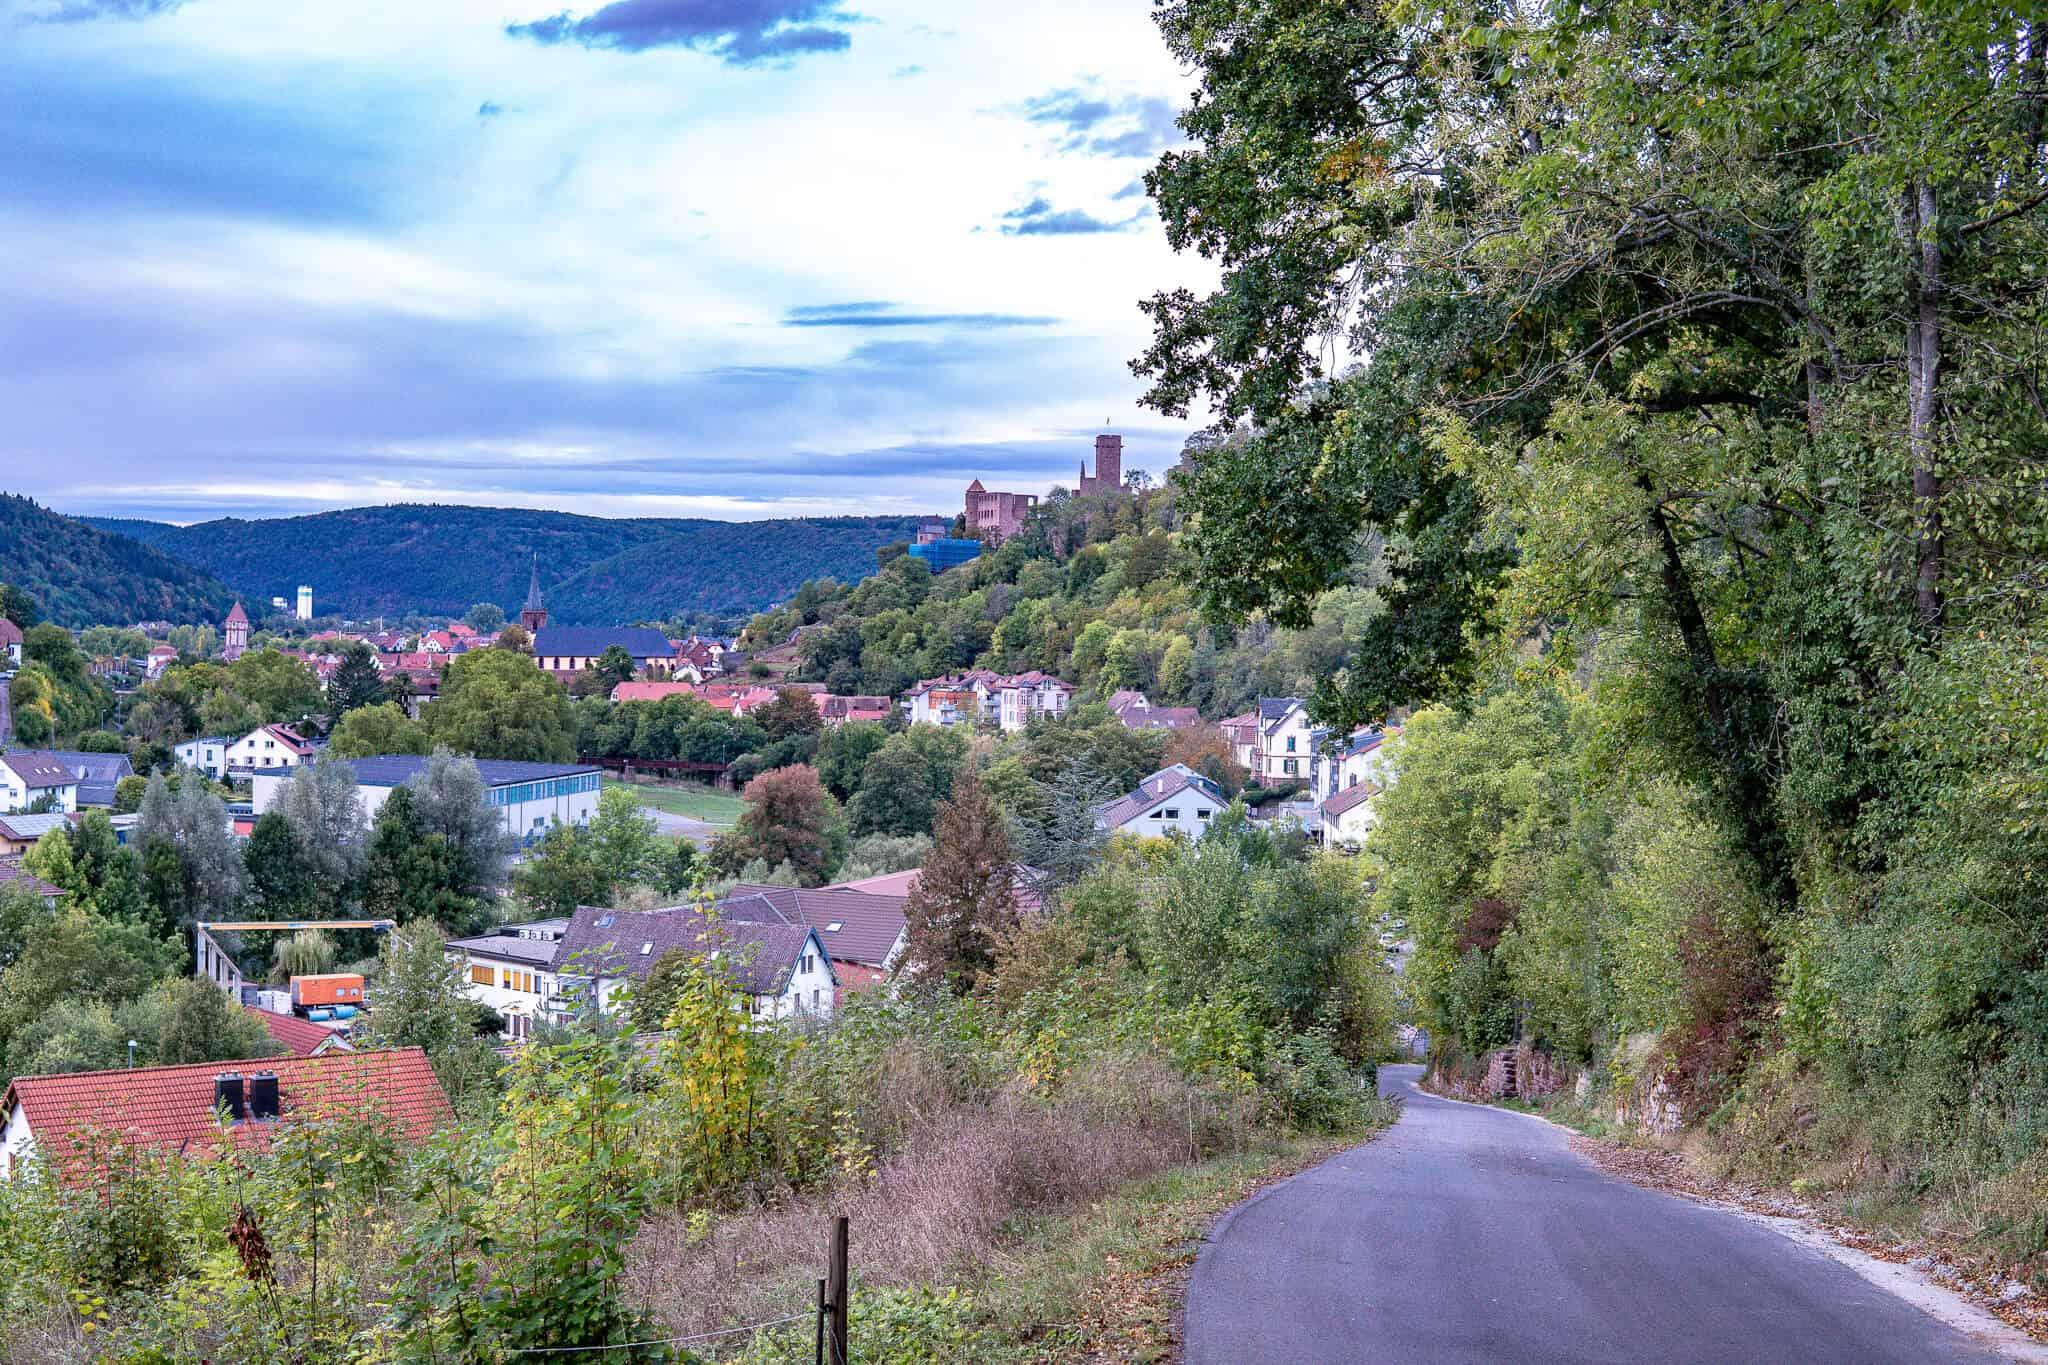 Rund um den Schlossberg